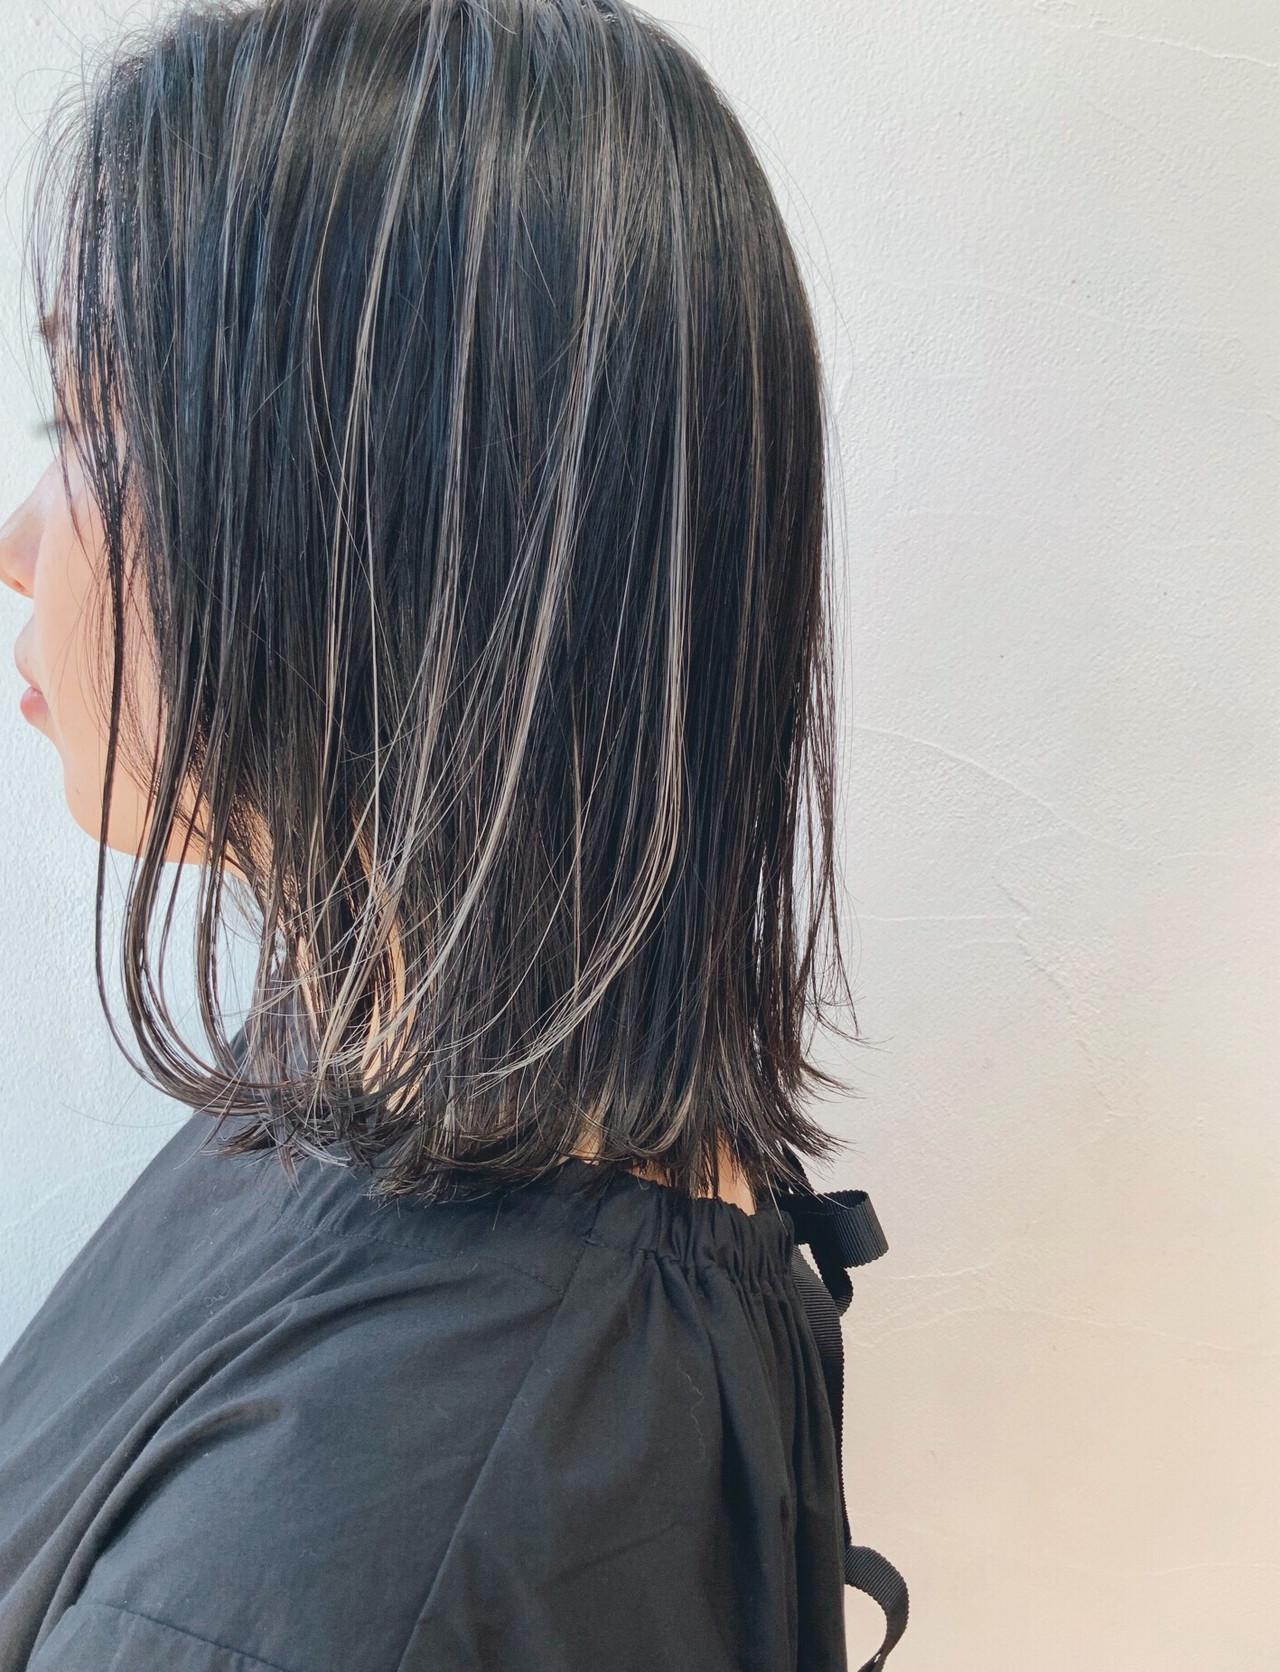 ハイライト 3Dハイライト ボブ 大人ハイライト ヘアスタイルや髪型の写真・画像